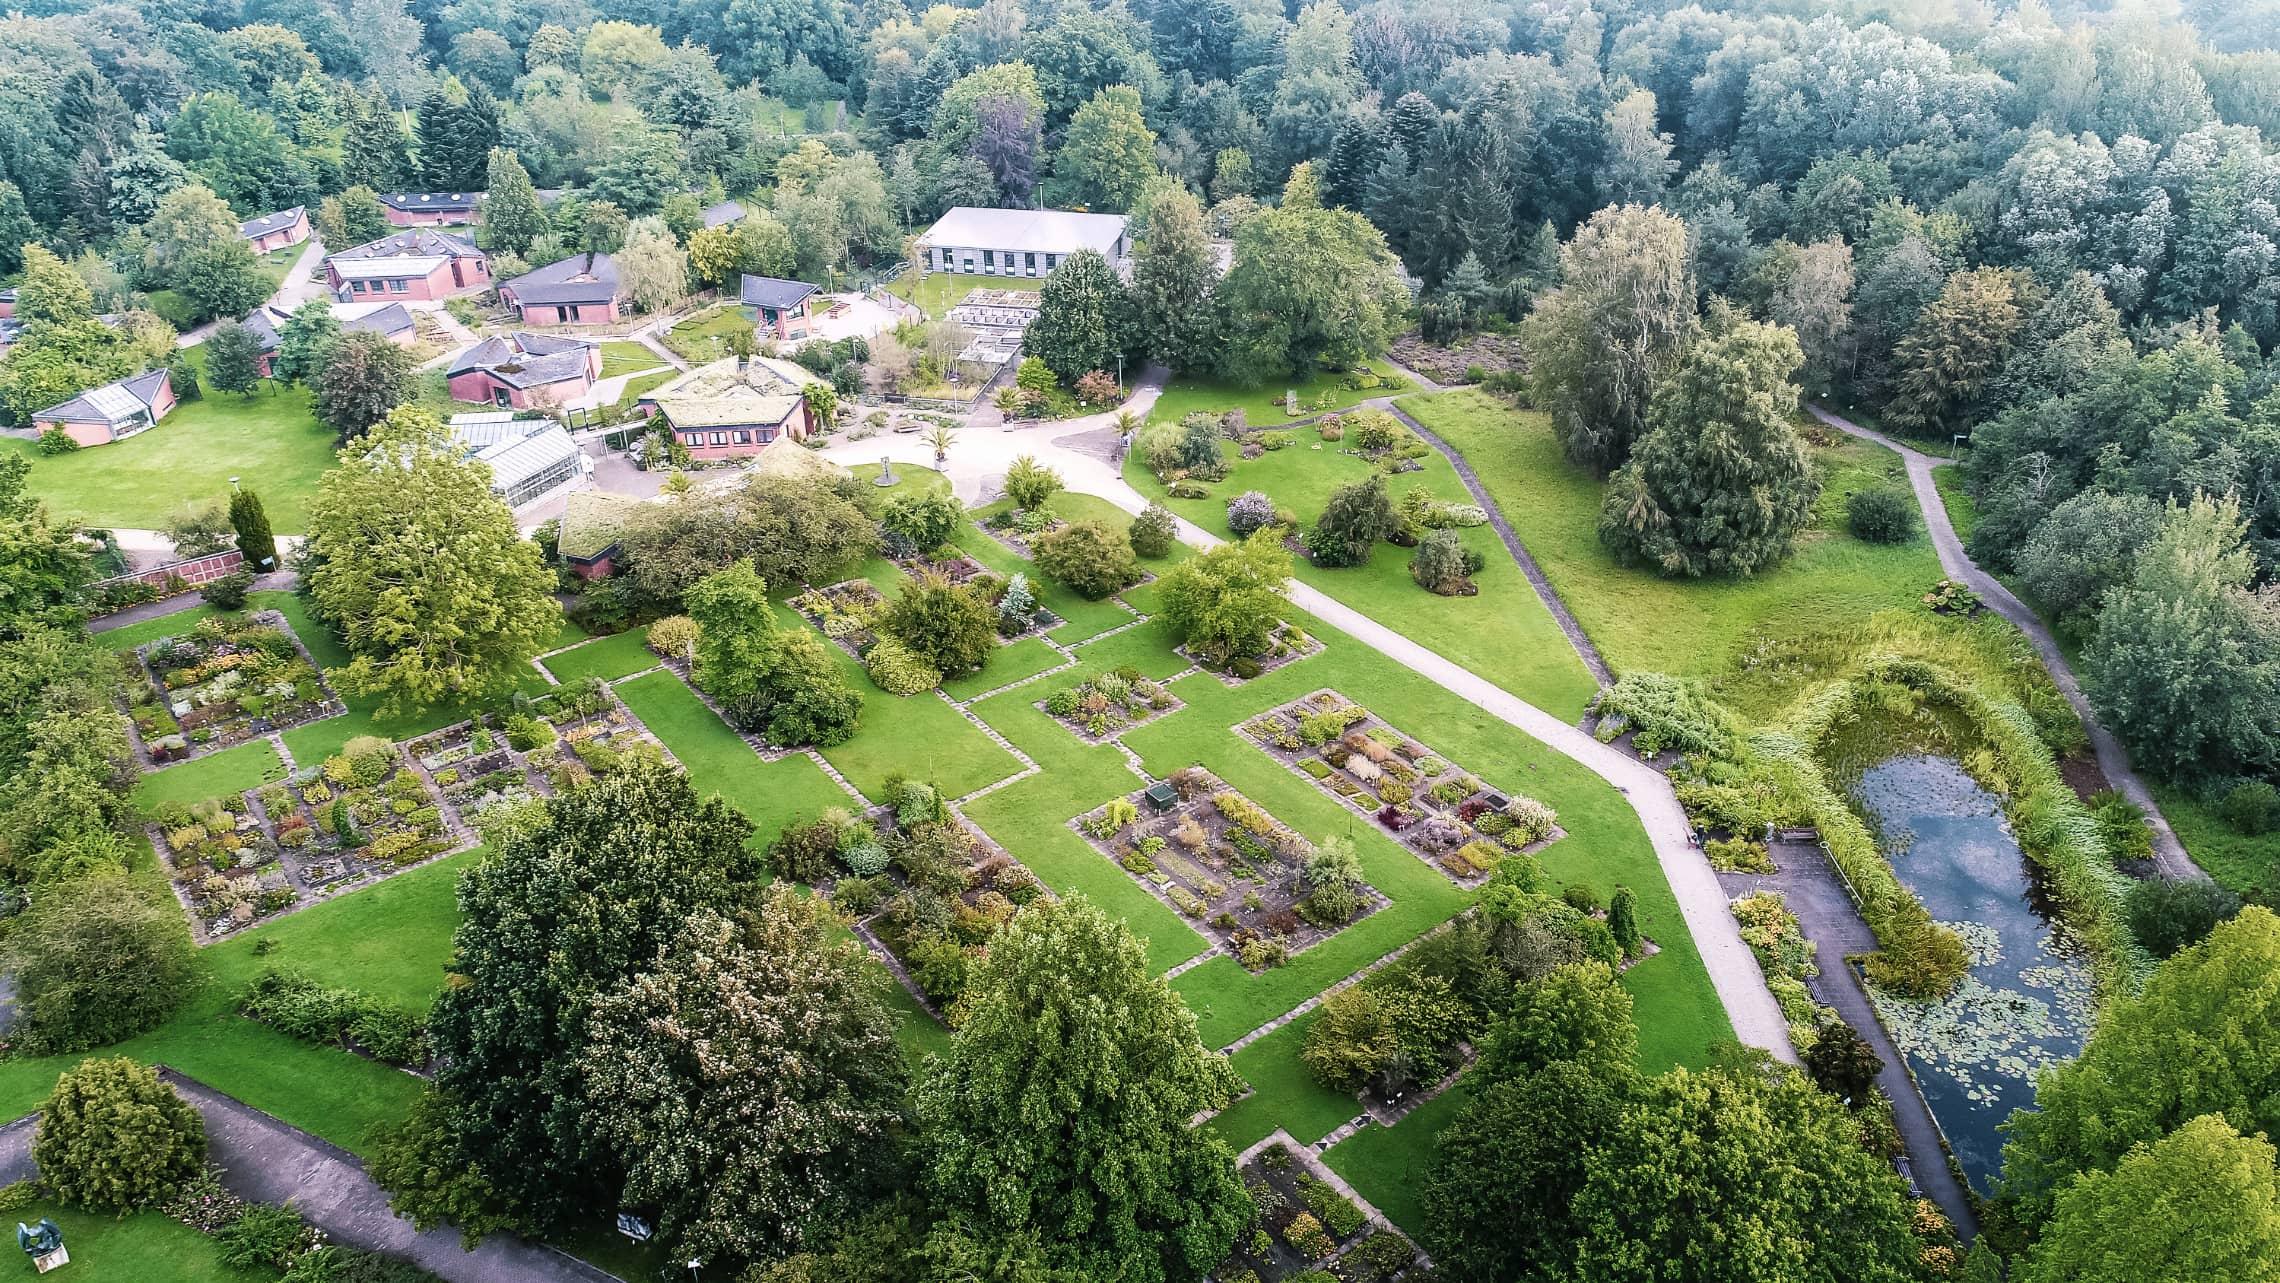 Im Botanischen Garten an der Uni Kiel sind 14.000 Pflanzenarten zuhause